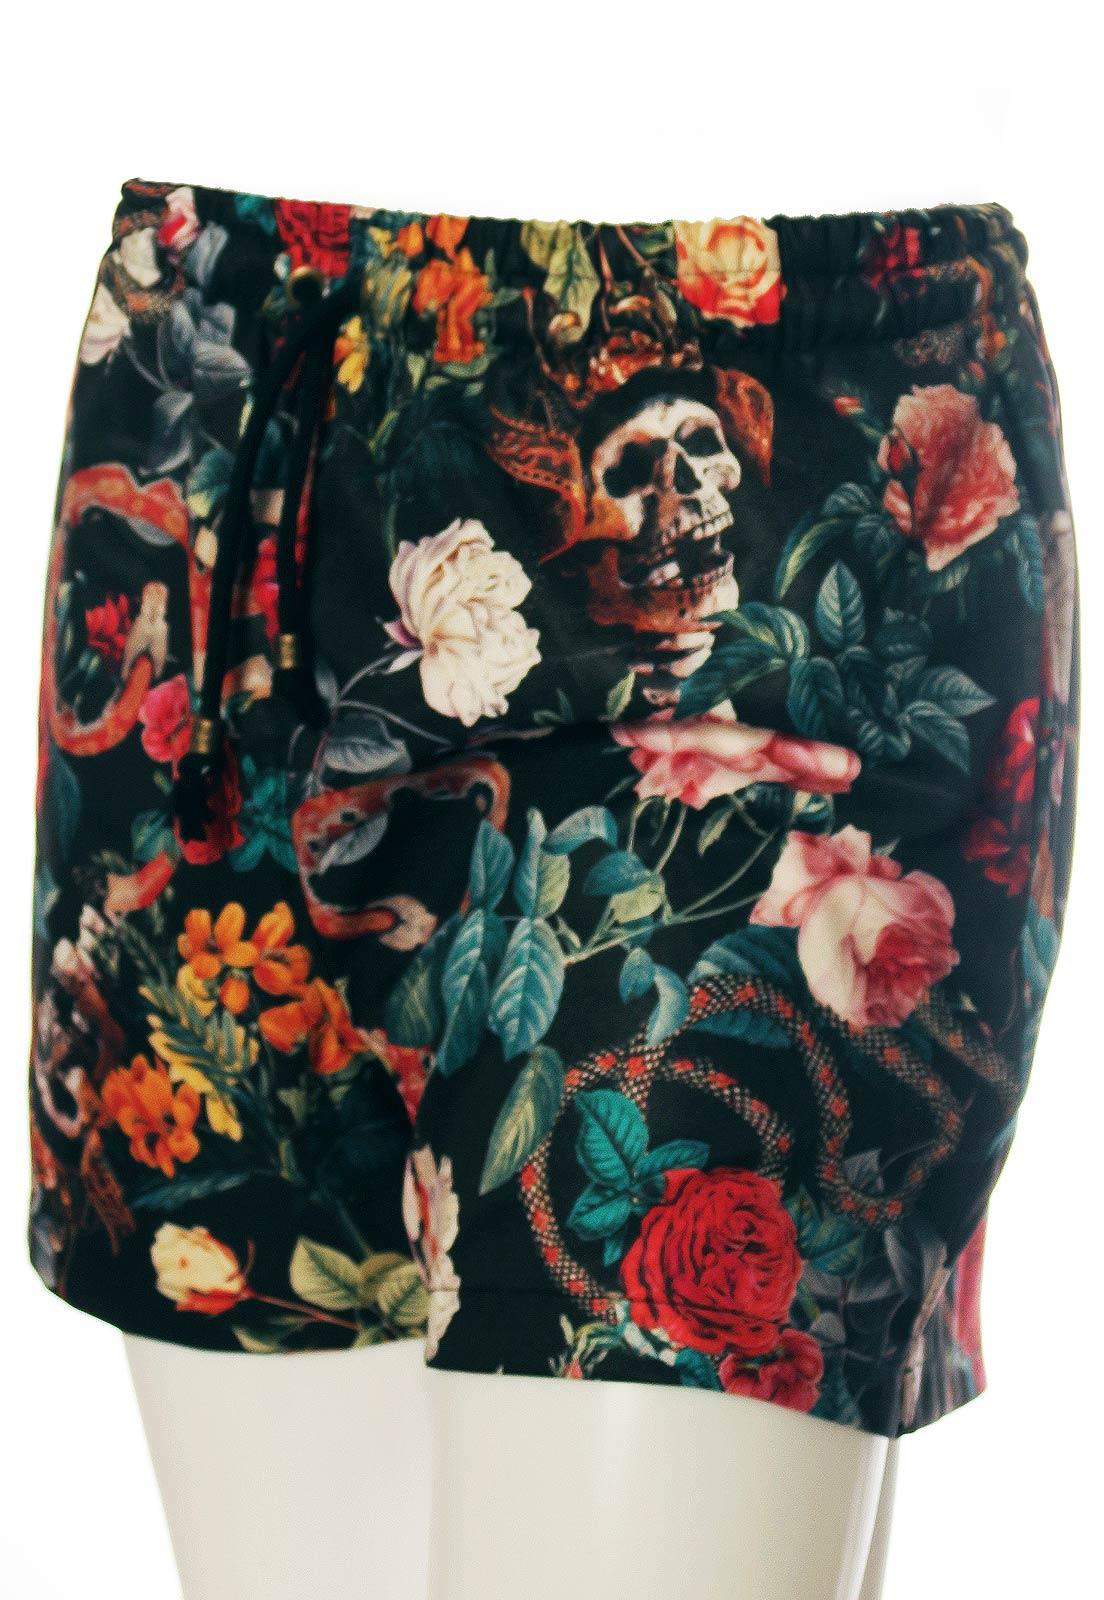 Shorts Estampado Floral Sem Gênero Caveiras Cobras Preto